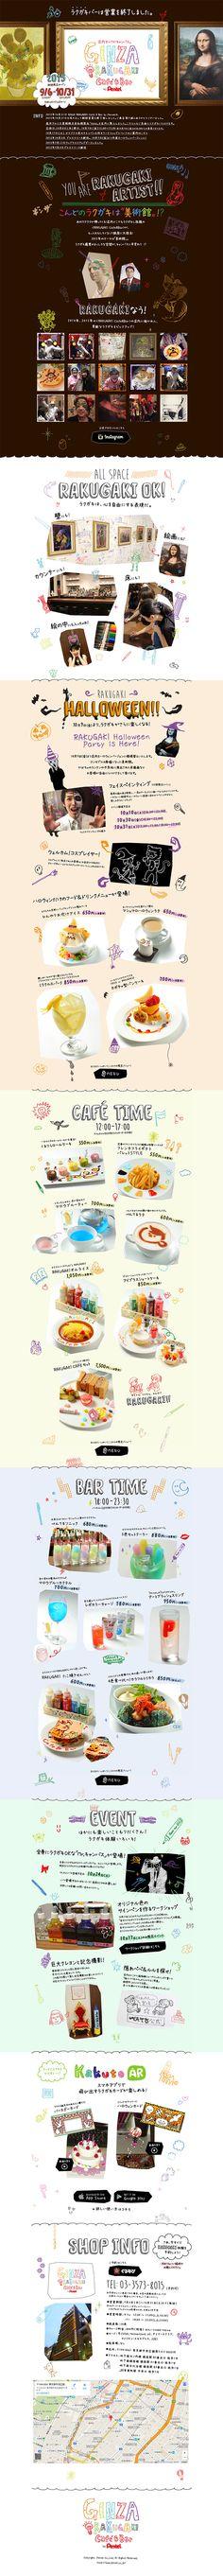 ランディングページ LP GINZA RAKUGAKI Café&Bar サービス 自社サイト